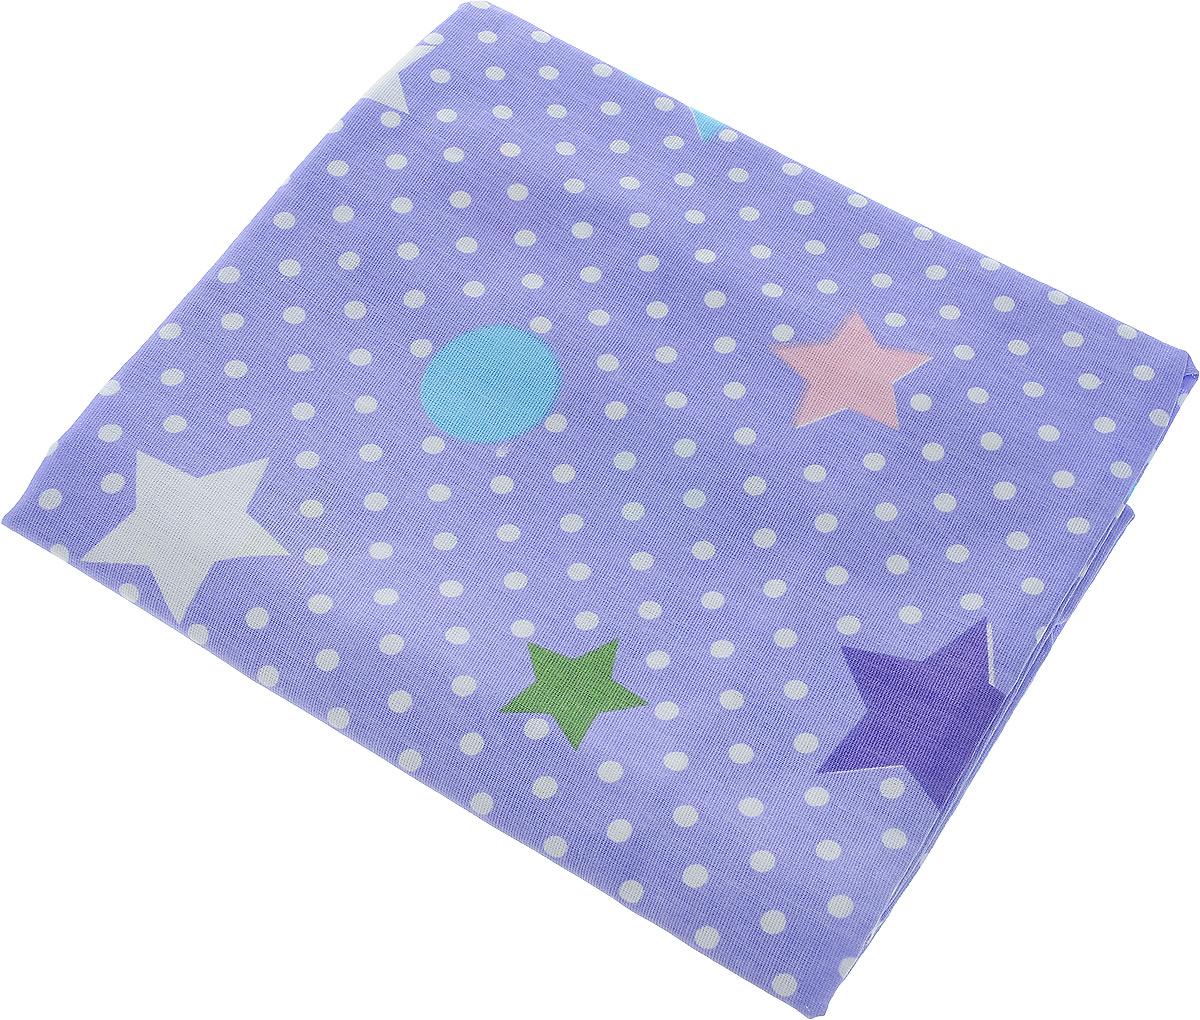 Bonne Fee Простыня детская Совы цвет фиолетовый 70 х 120 смОПРС-70х120 фиолДетская простыня Bonne Fee Совы обязательно подойдет для кроватки вашего малыша.Изготовленная из натурального 100% хлопка, она необычайно мягкая и приятная на ощупь. Натуральный материал не раздражает даже самую нежную и чувствительную кожу ребенка, обеспечивая ему наибольший комфорт. Приятный рисунок простыни понравится малышу и привлечет его внимание.На такой простыне ваша кроха будет спать здоровым и крепким сном.Уход: ручная или машинная стирка в воде до 40°С, при стирке не использовать средства, содержащие отбеливатели, гладить при температуре до 150°С, химическая чистка не допустима, бережный режим электрической сушки.